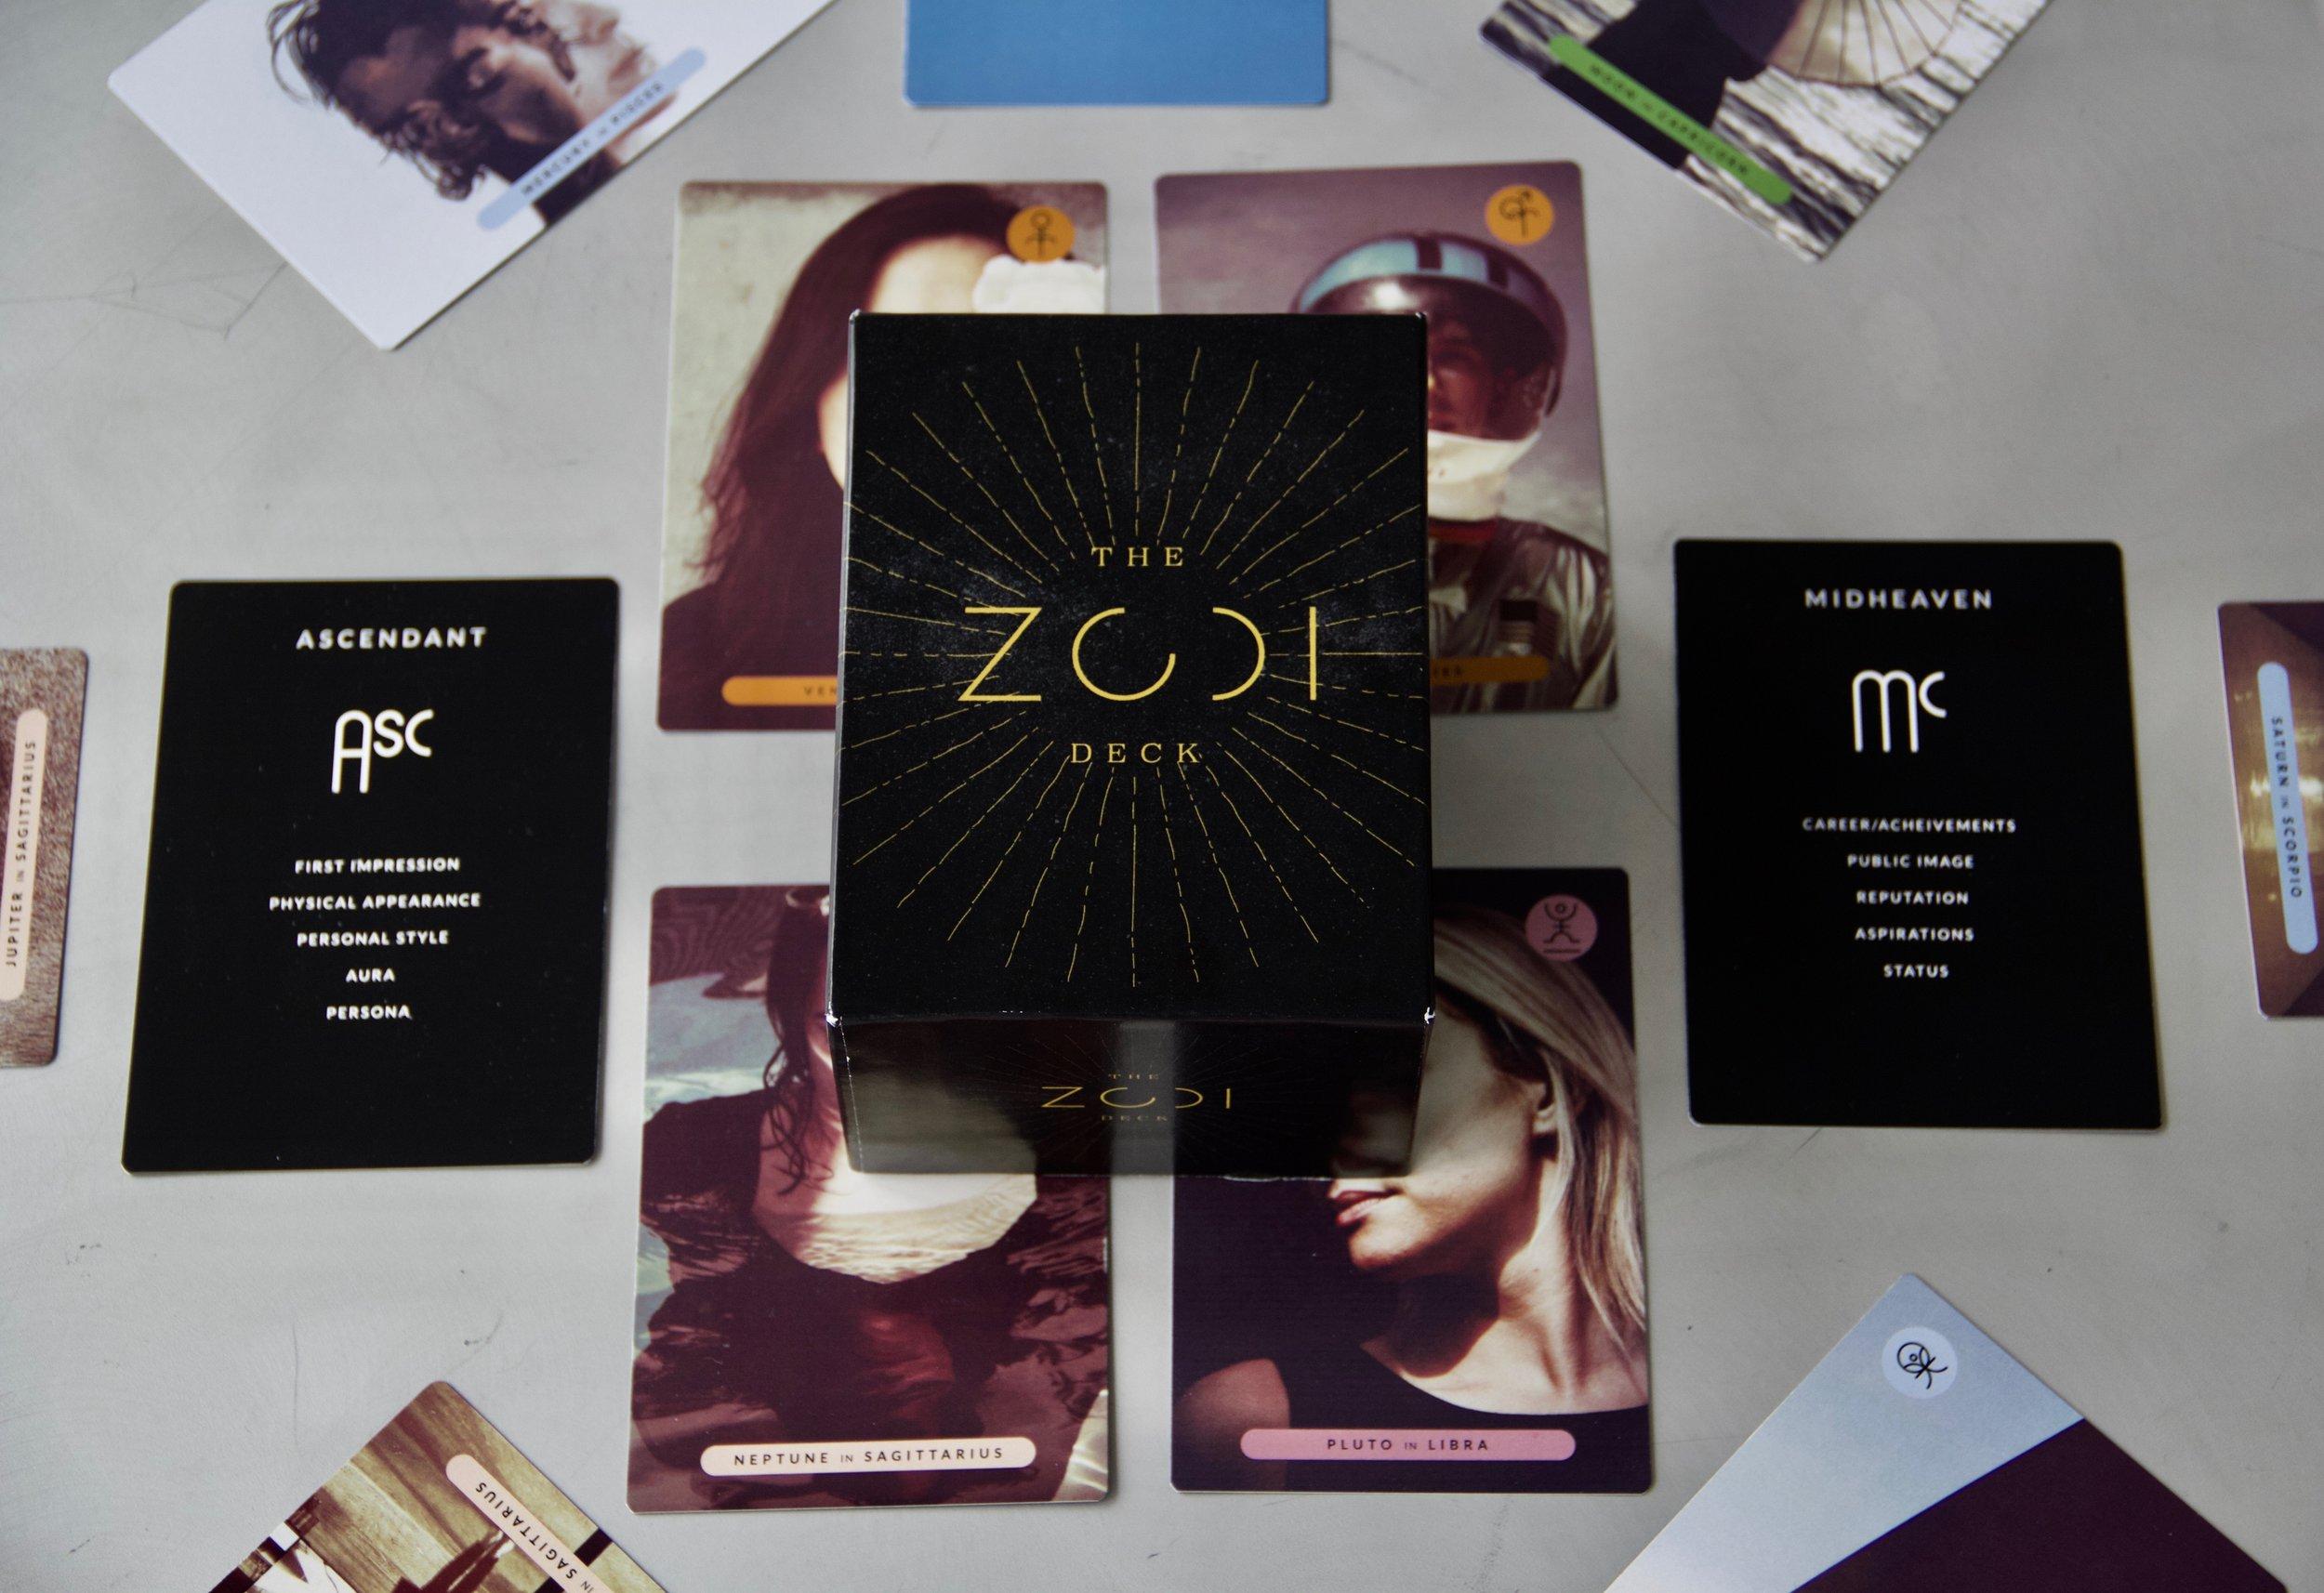 The ZODI Deck